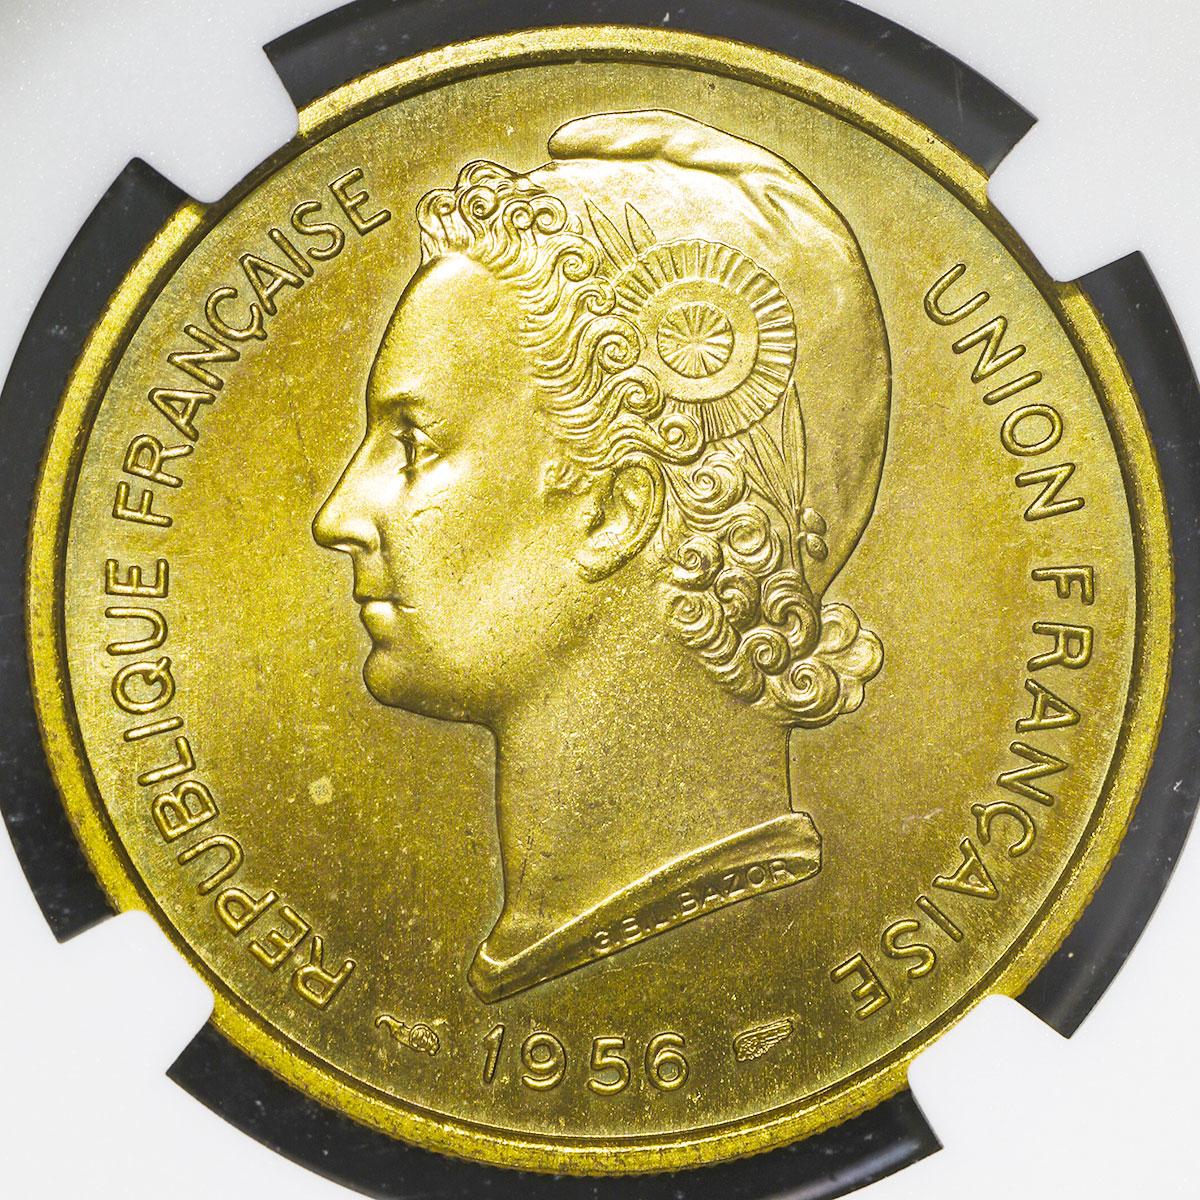 フランス領トーゴ25フラン試鋳貨(おもて面)/ TOGO Essai 25Francs